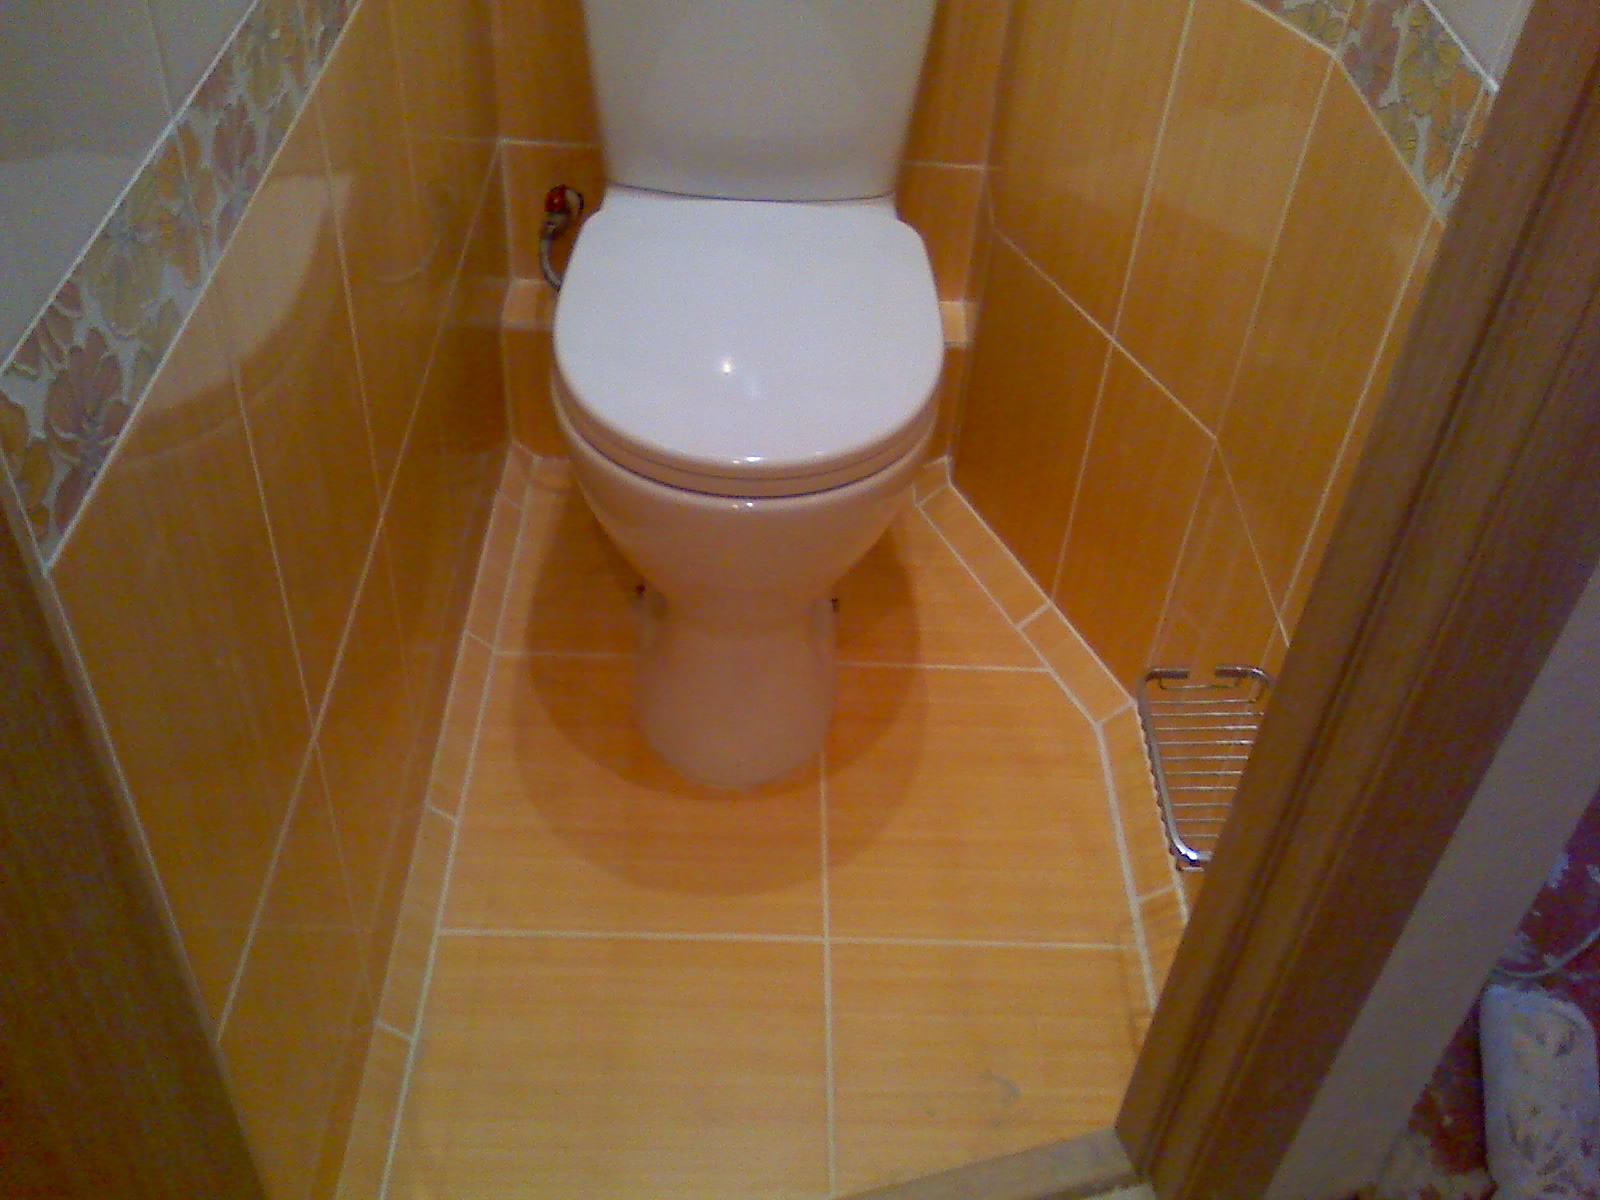 Положить плитку в туалета